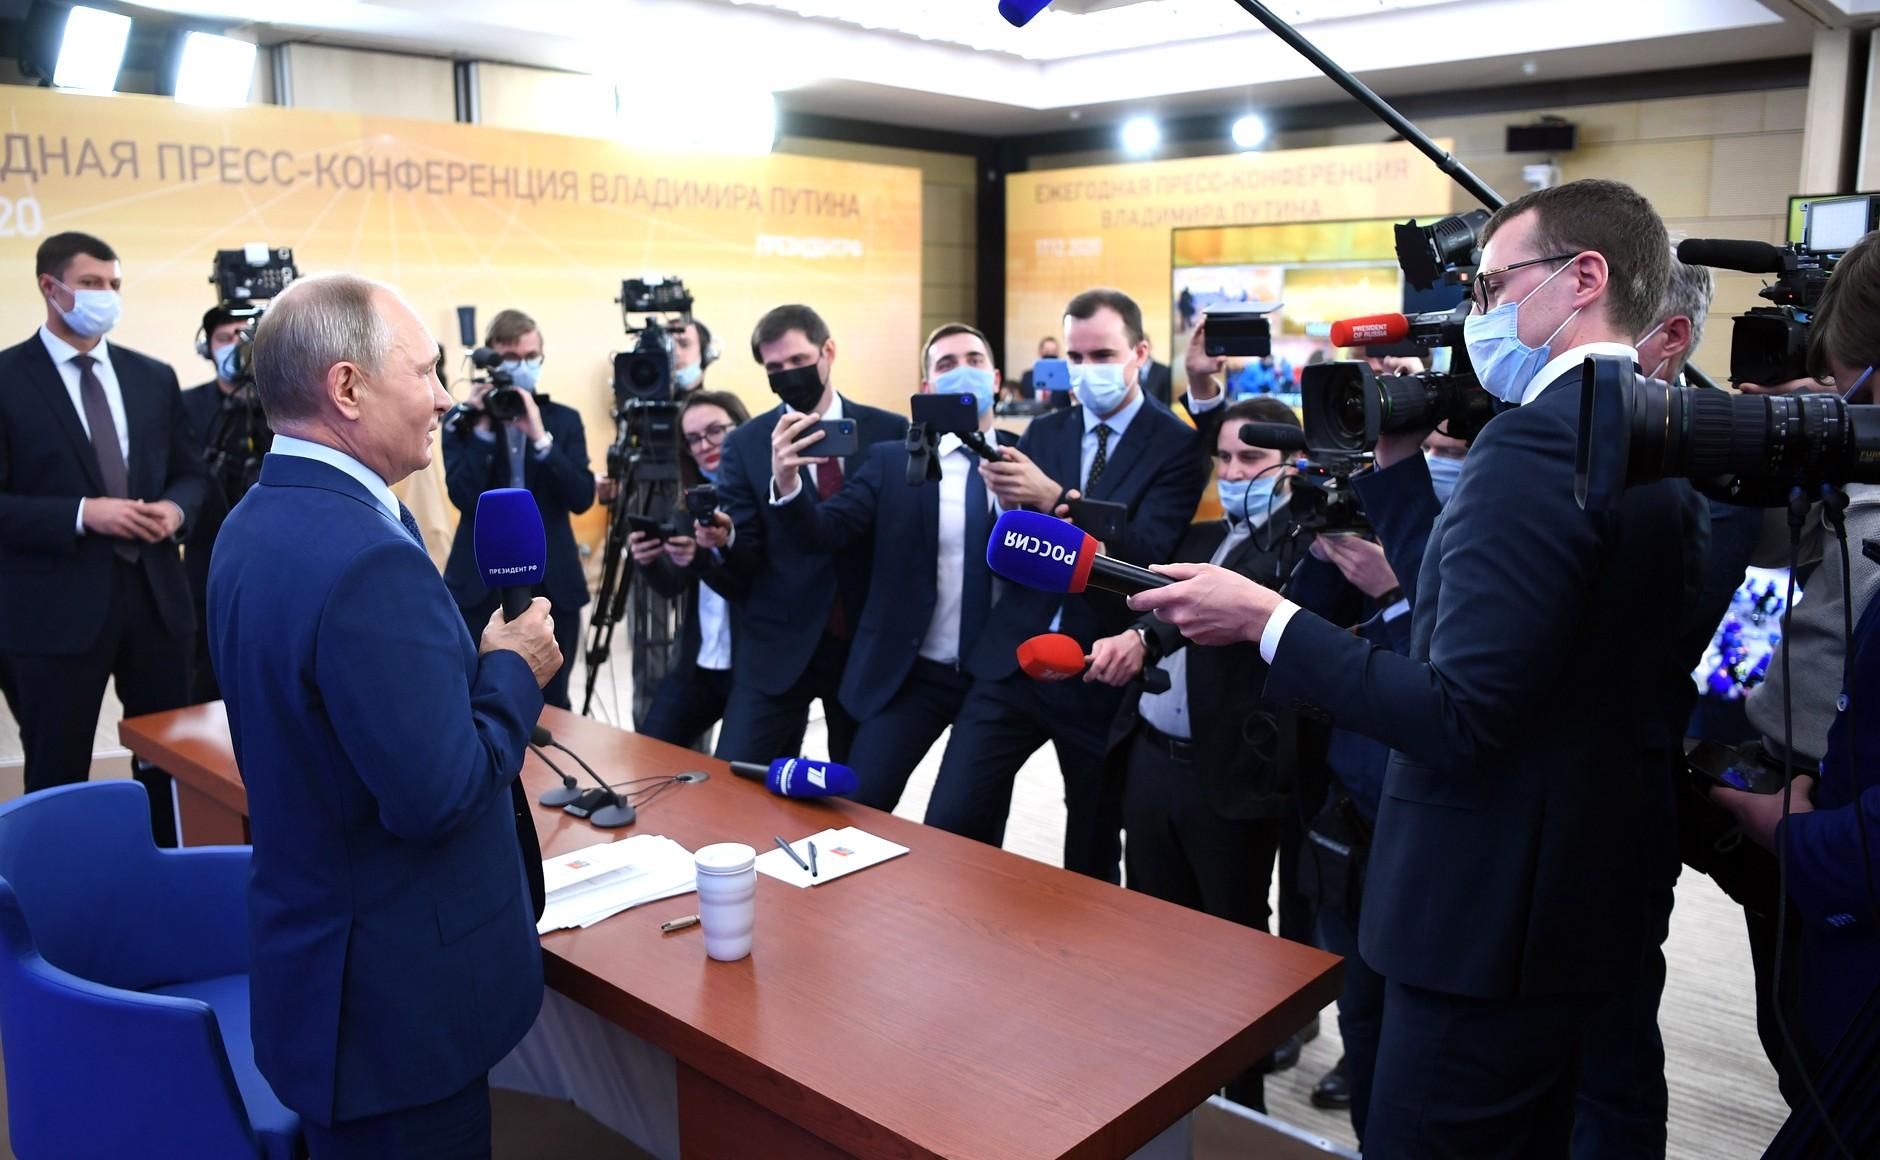 RUSSIE 17.12.2020.CONFERENCE 65 XX 66 Avant le début de la conférence de presse annuelle de Vladimir Poutine.